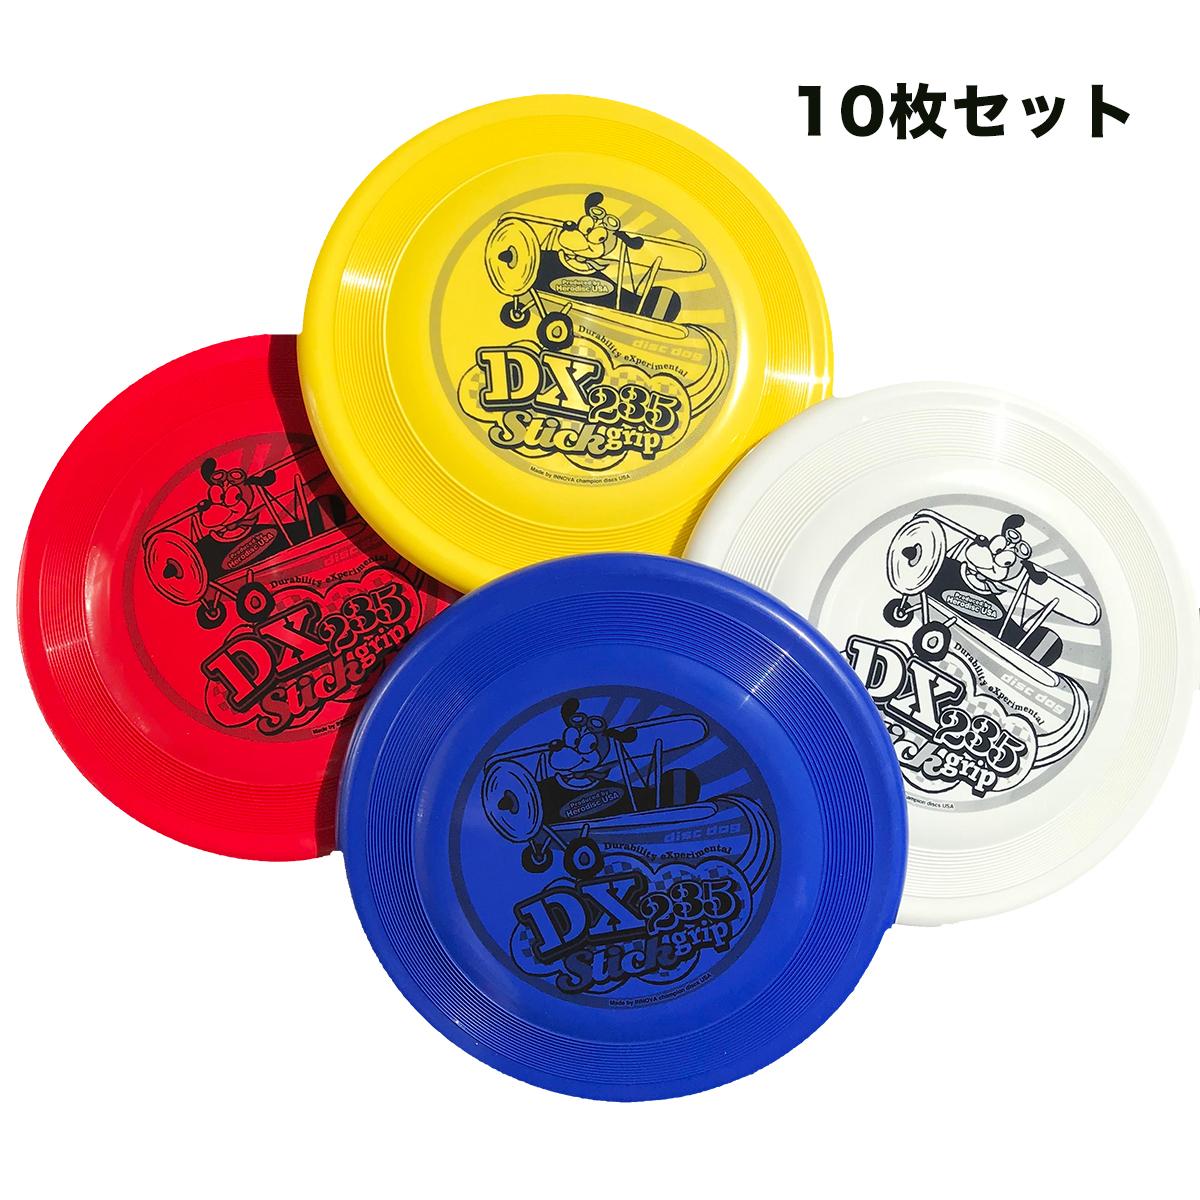 Hero DX 235 Stick grip 10枚セット